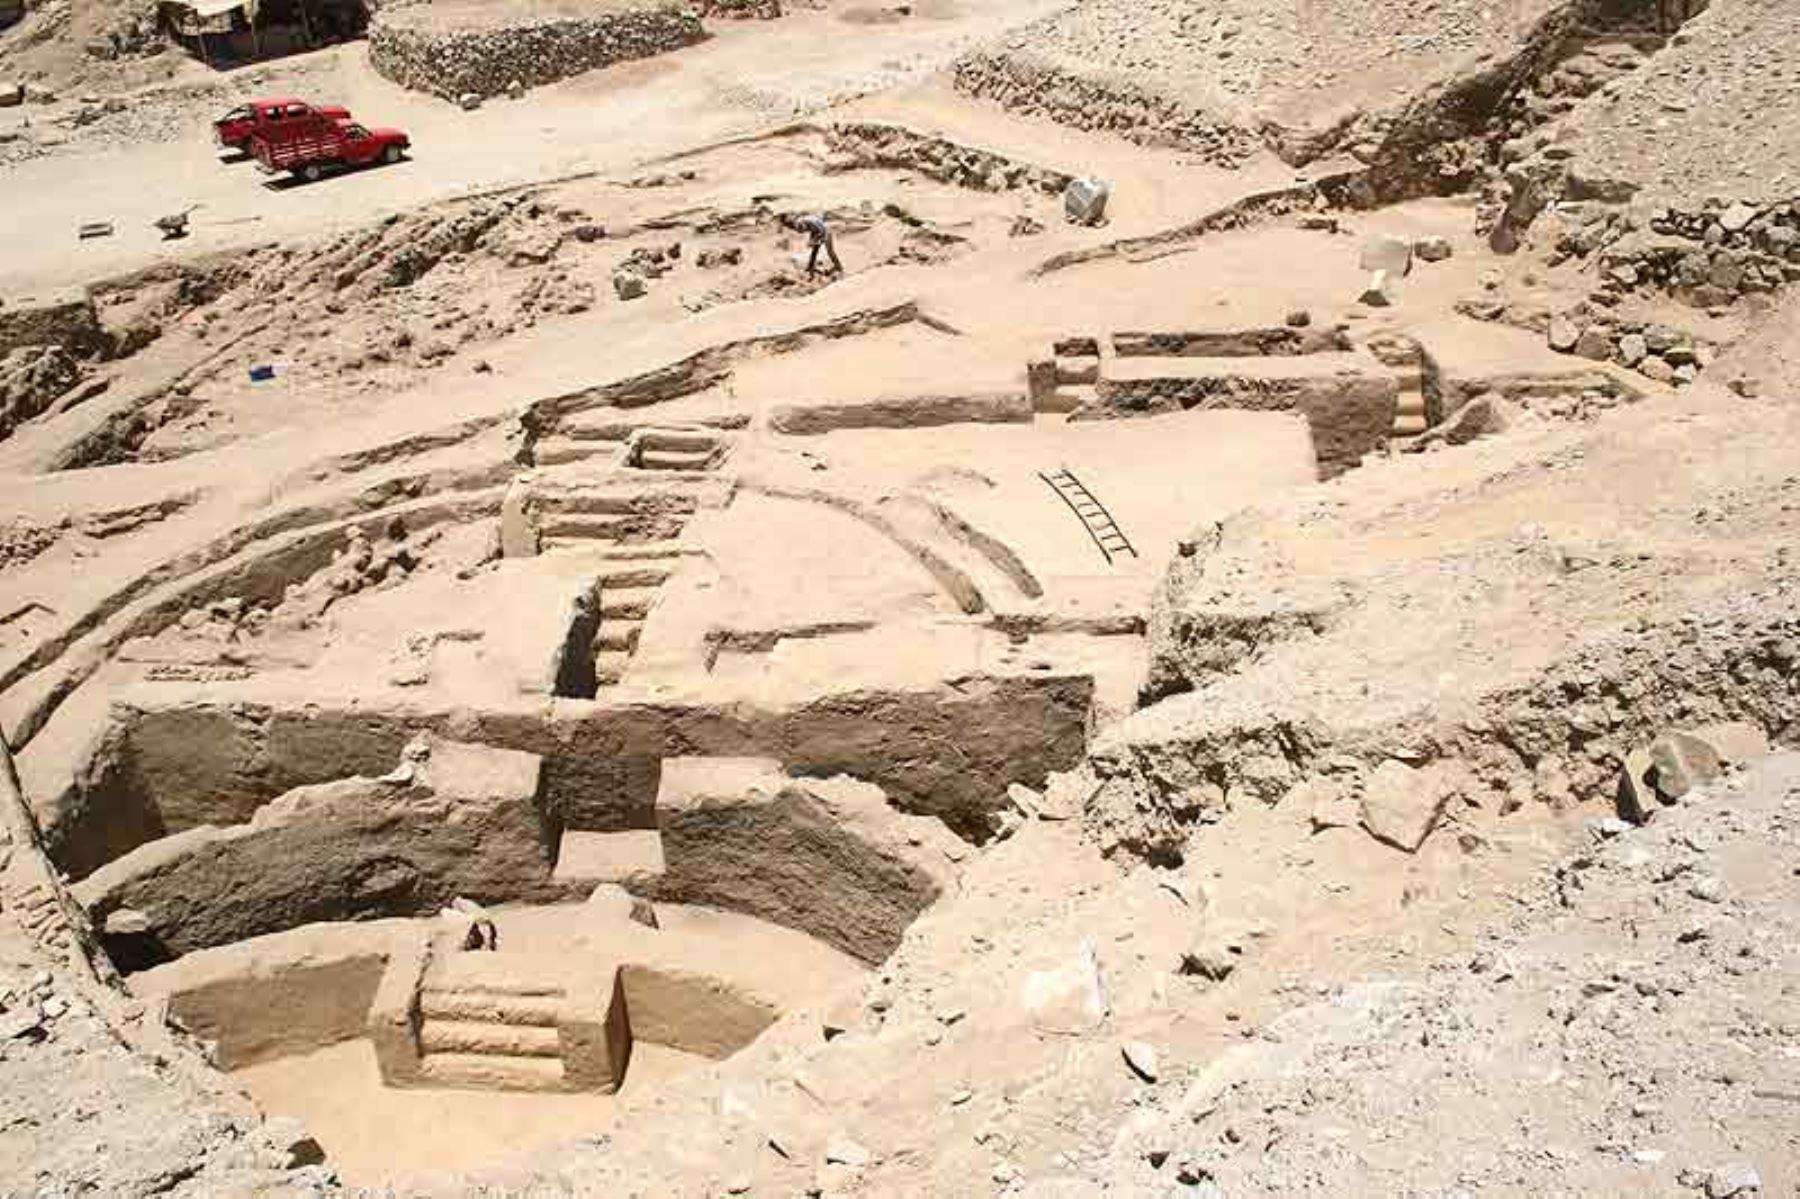 Manchan es un sitio arqueológico considerado uno de los últimos reductos de los Chimú, antes de ser conquistados por el inca Pachacútec, y cumplió esencialmente una función administrativa de la zona. Su estructura está hecha de barro, con enormes adobes de la época que se conservan hasta la actualidad.